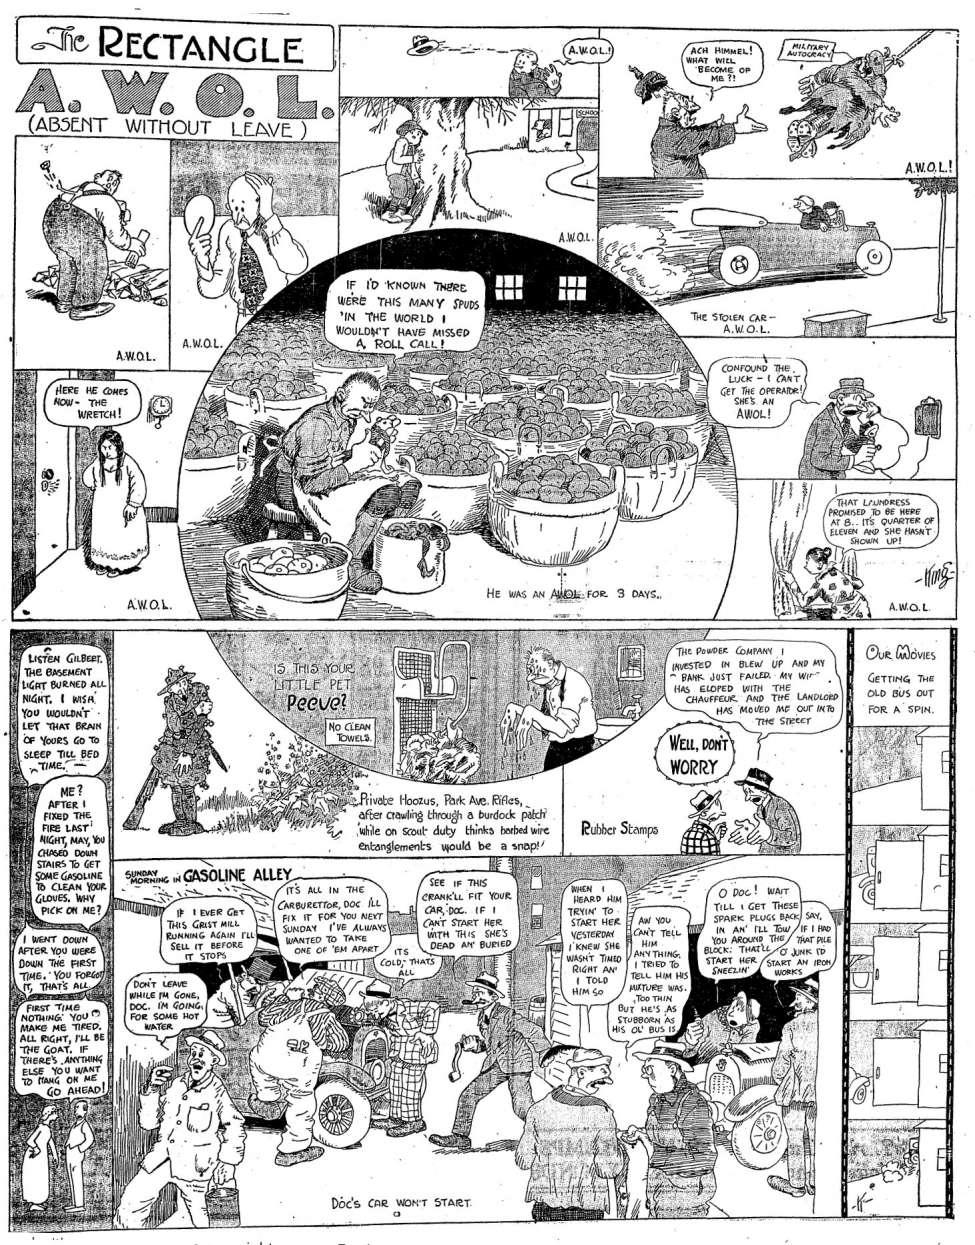 comic-en-diarios-the-rectangle-Gasoline-Alley